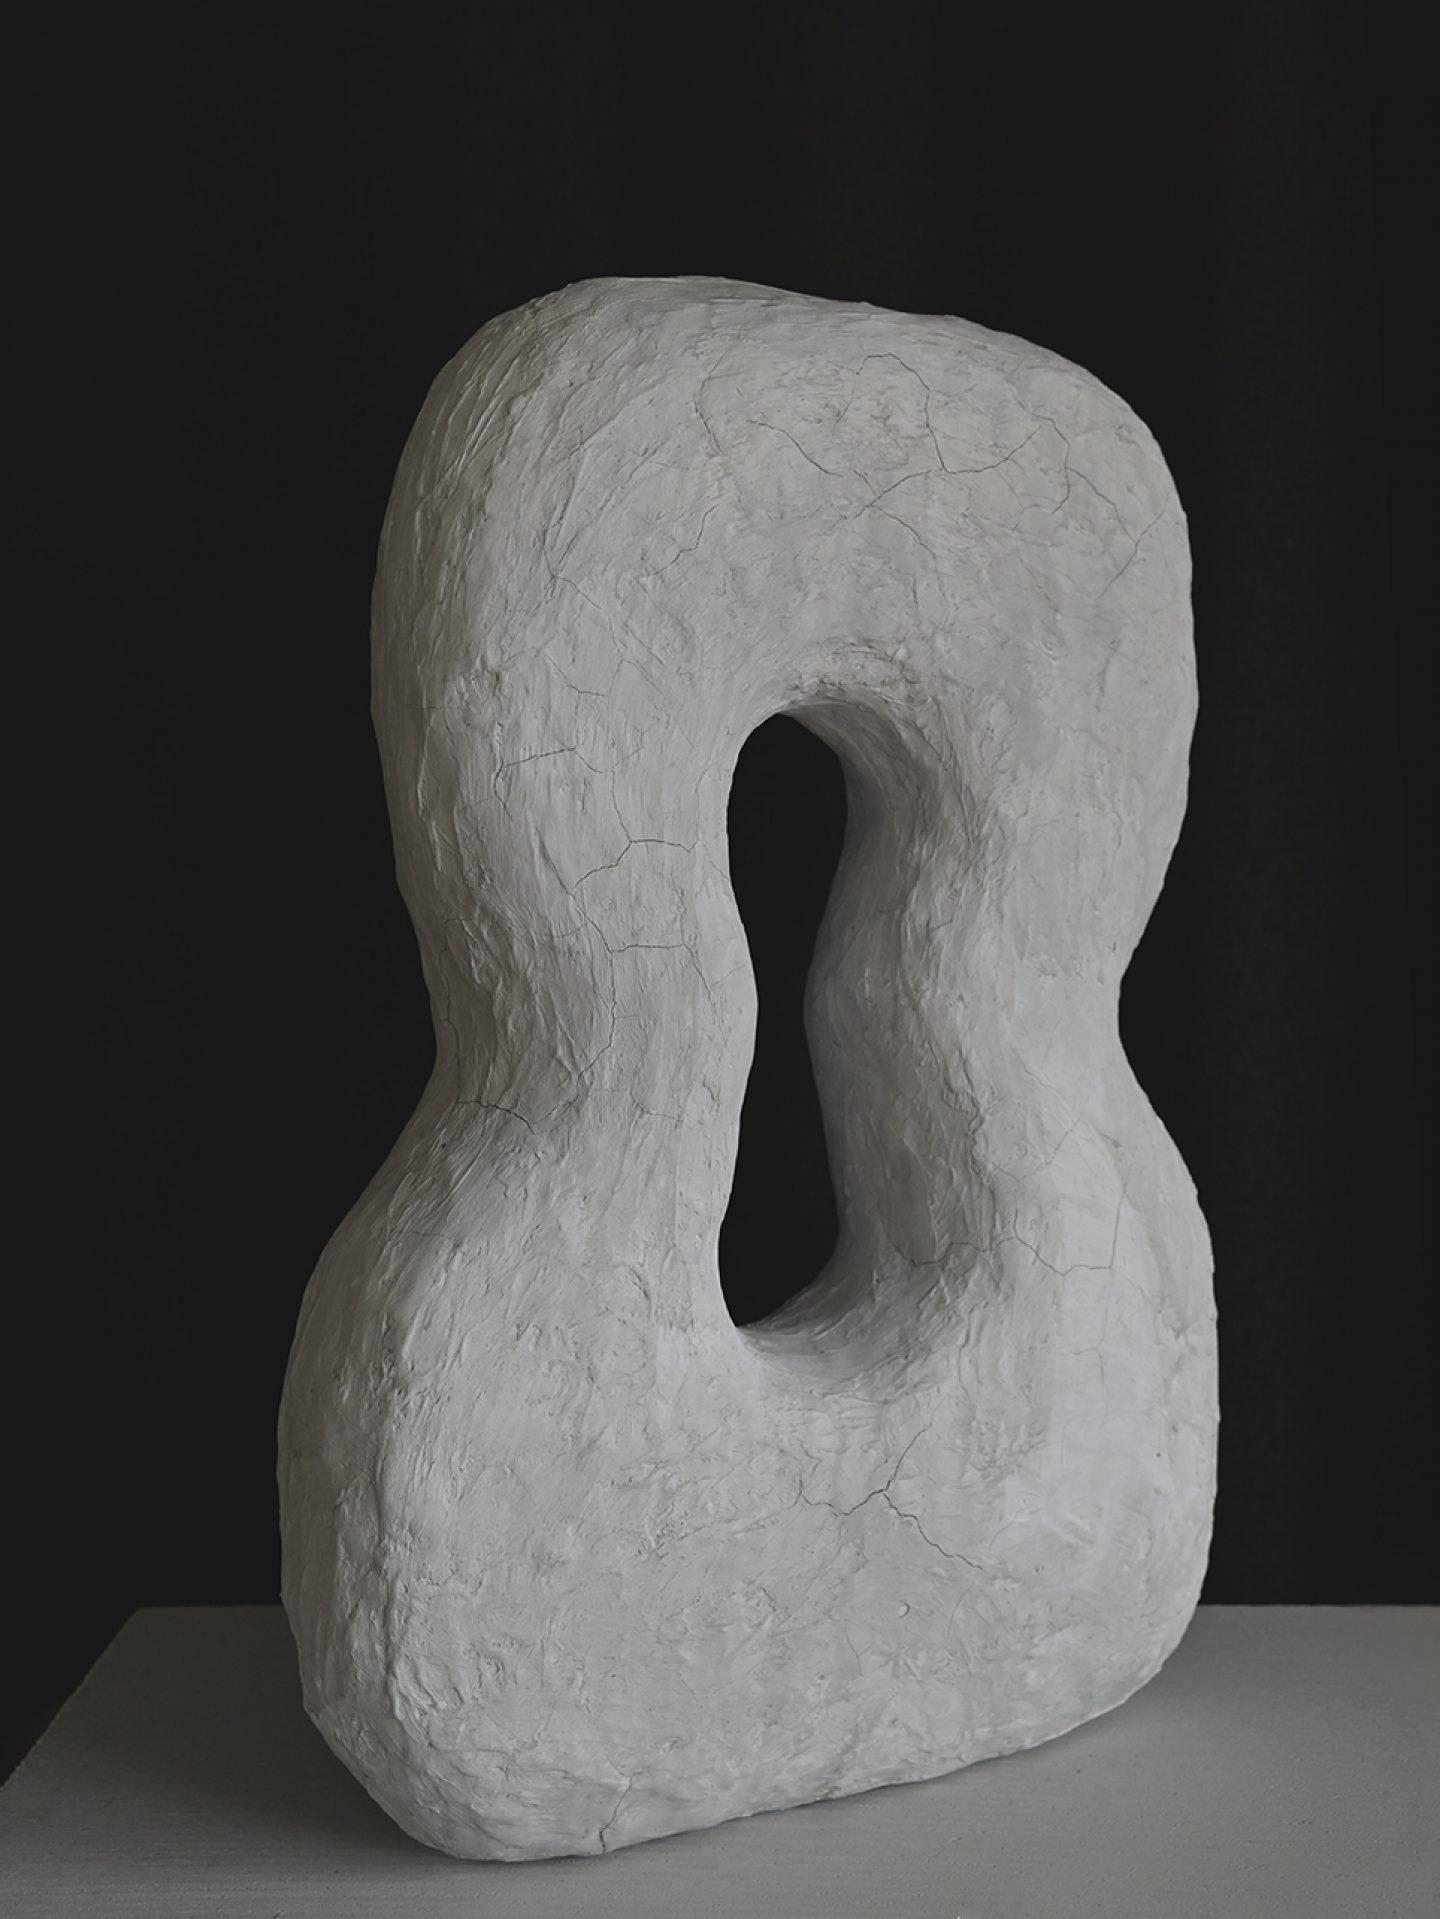 IGNANT-ART-Sculpture-Alium-11